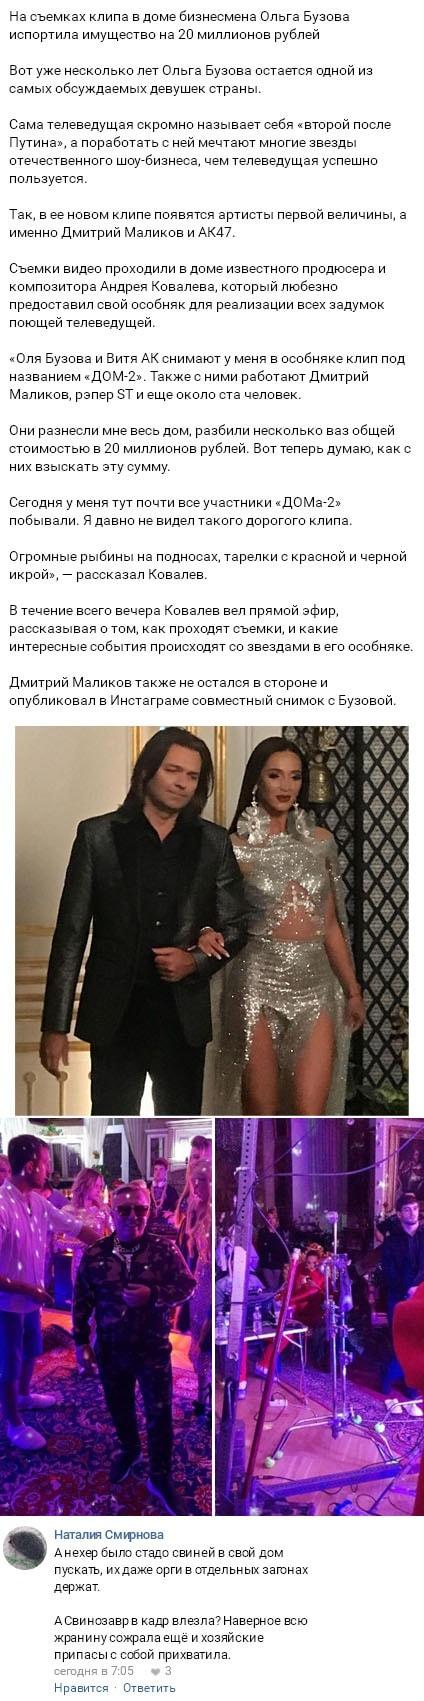 Ольга Бузова должна более 20 миллионов рублей материального ущерба